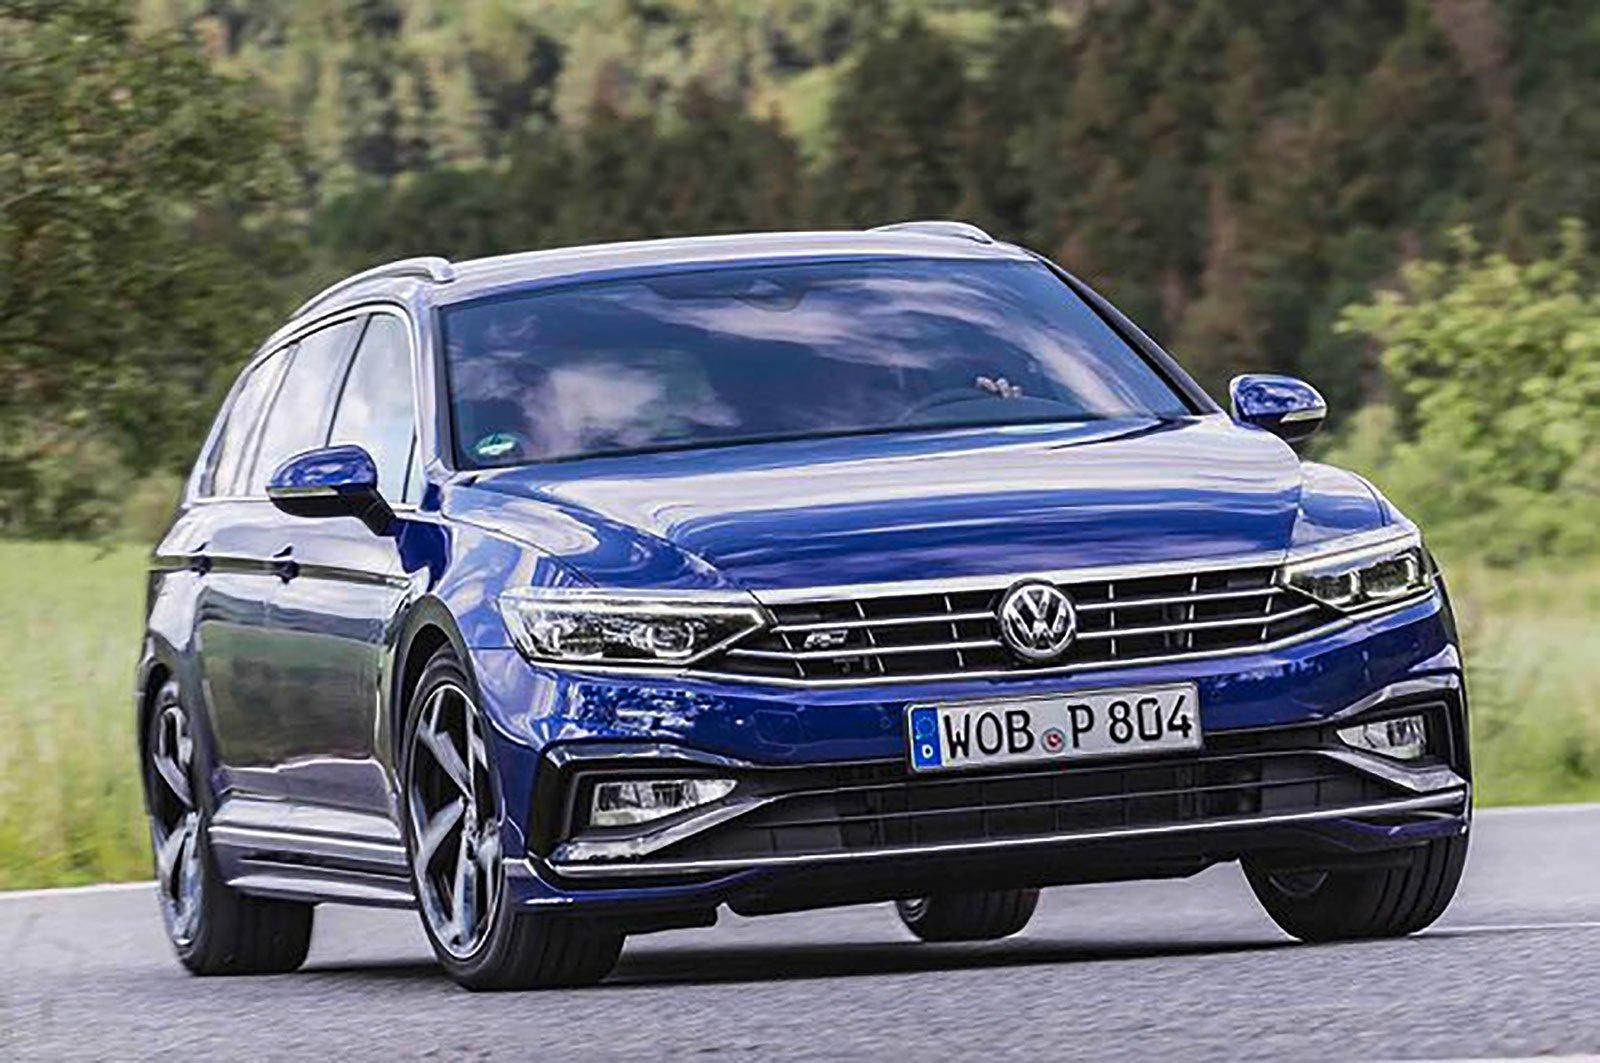 Volkswagen Passat Estate front